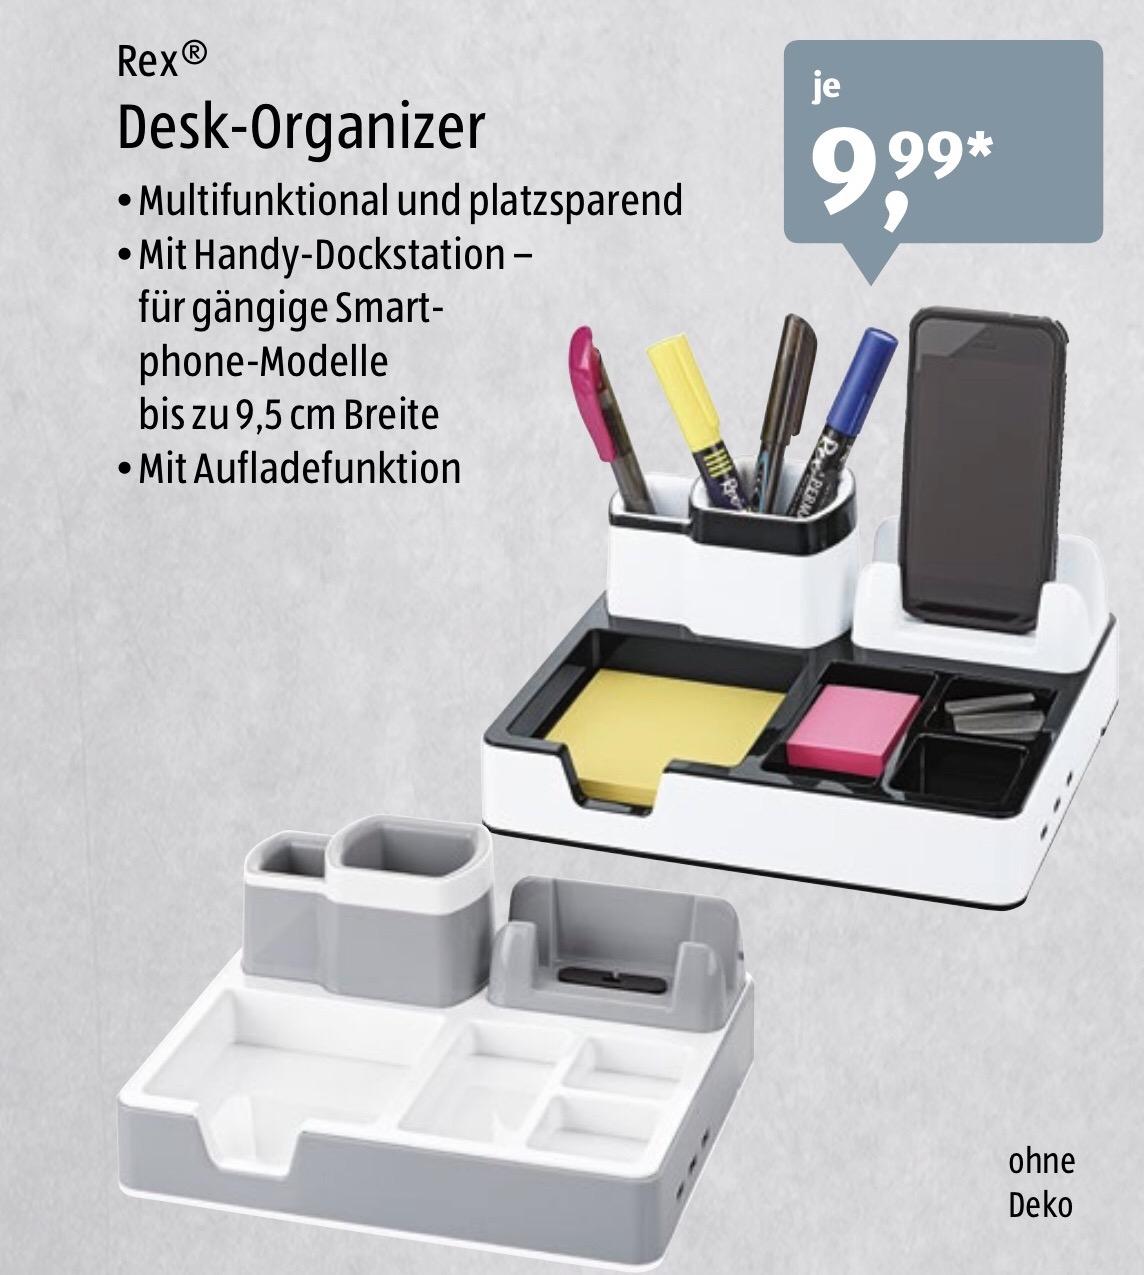 [Aldi-Süd] Desk-Organizer mit Handy-Dockstation ab 3.7.2017